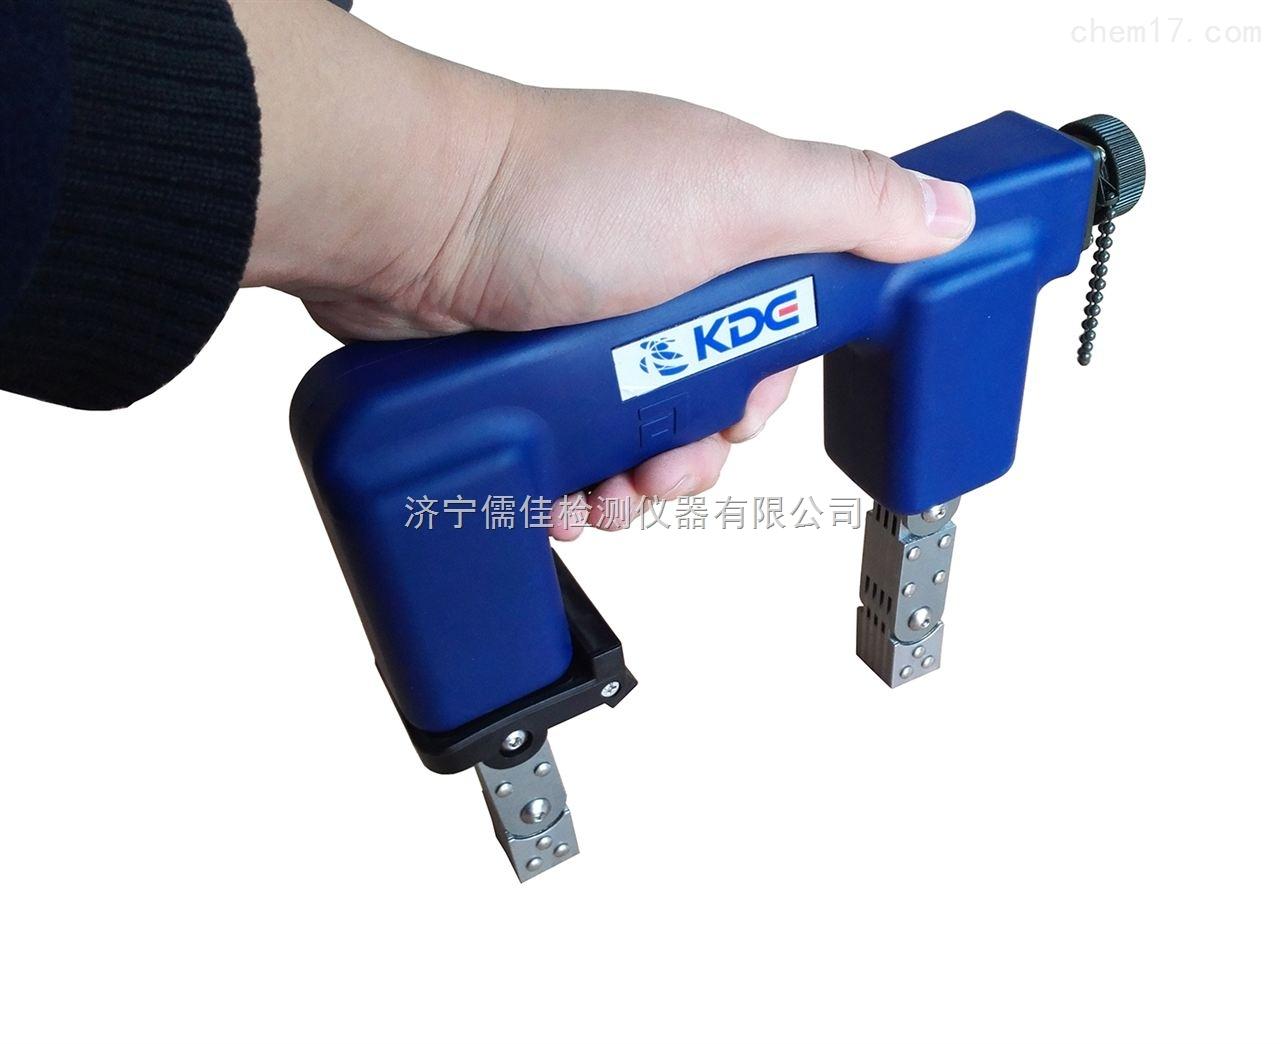 交流磁轭磁粉探伤仪 韩国进口磁粉探伤机